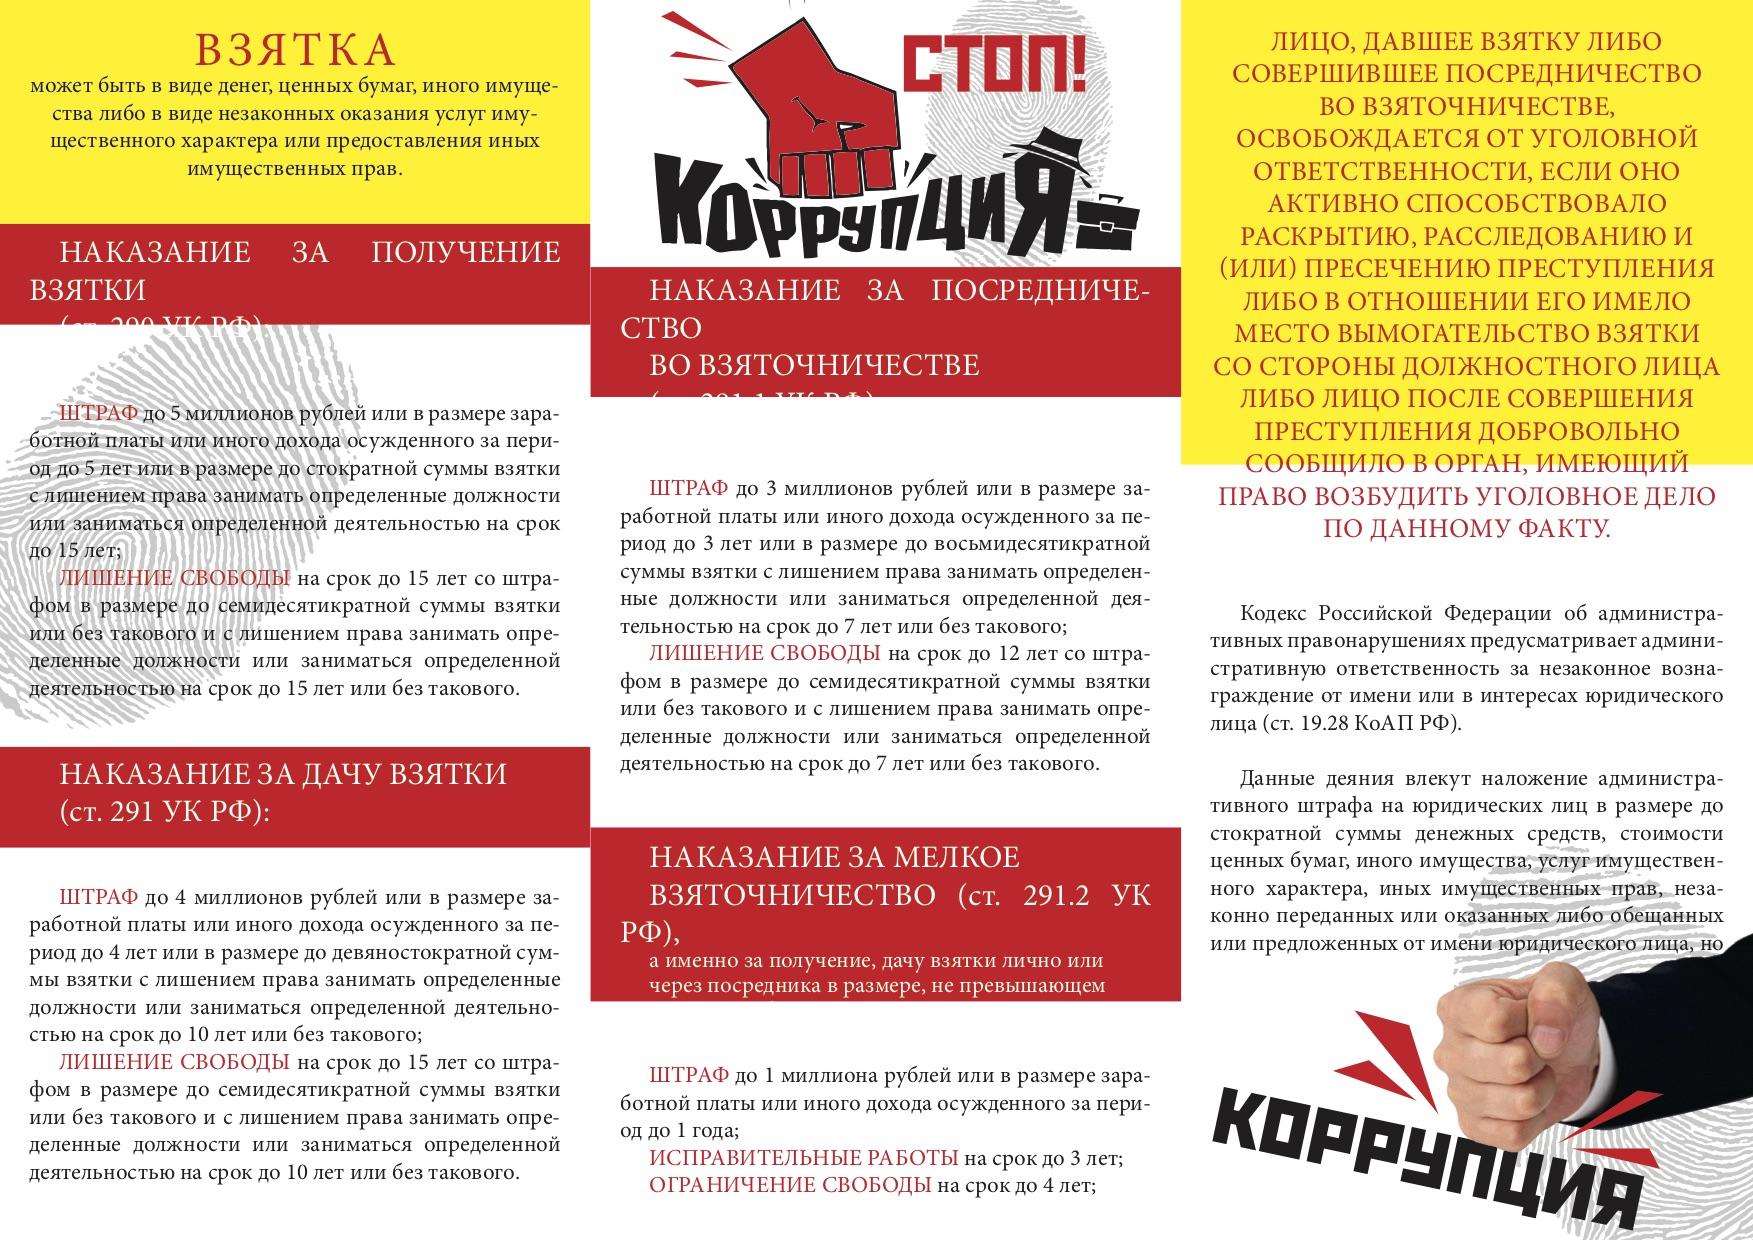 Pamyatki-po-korrupcii4